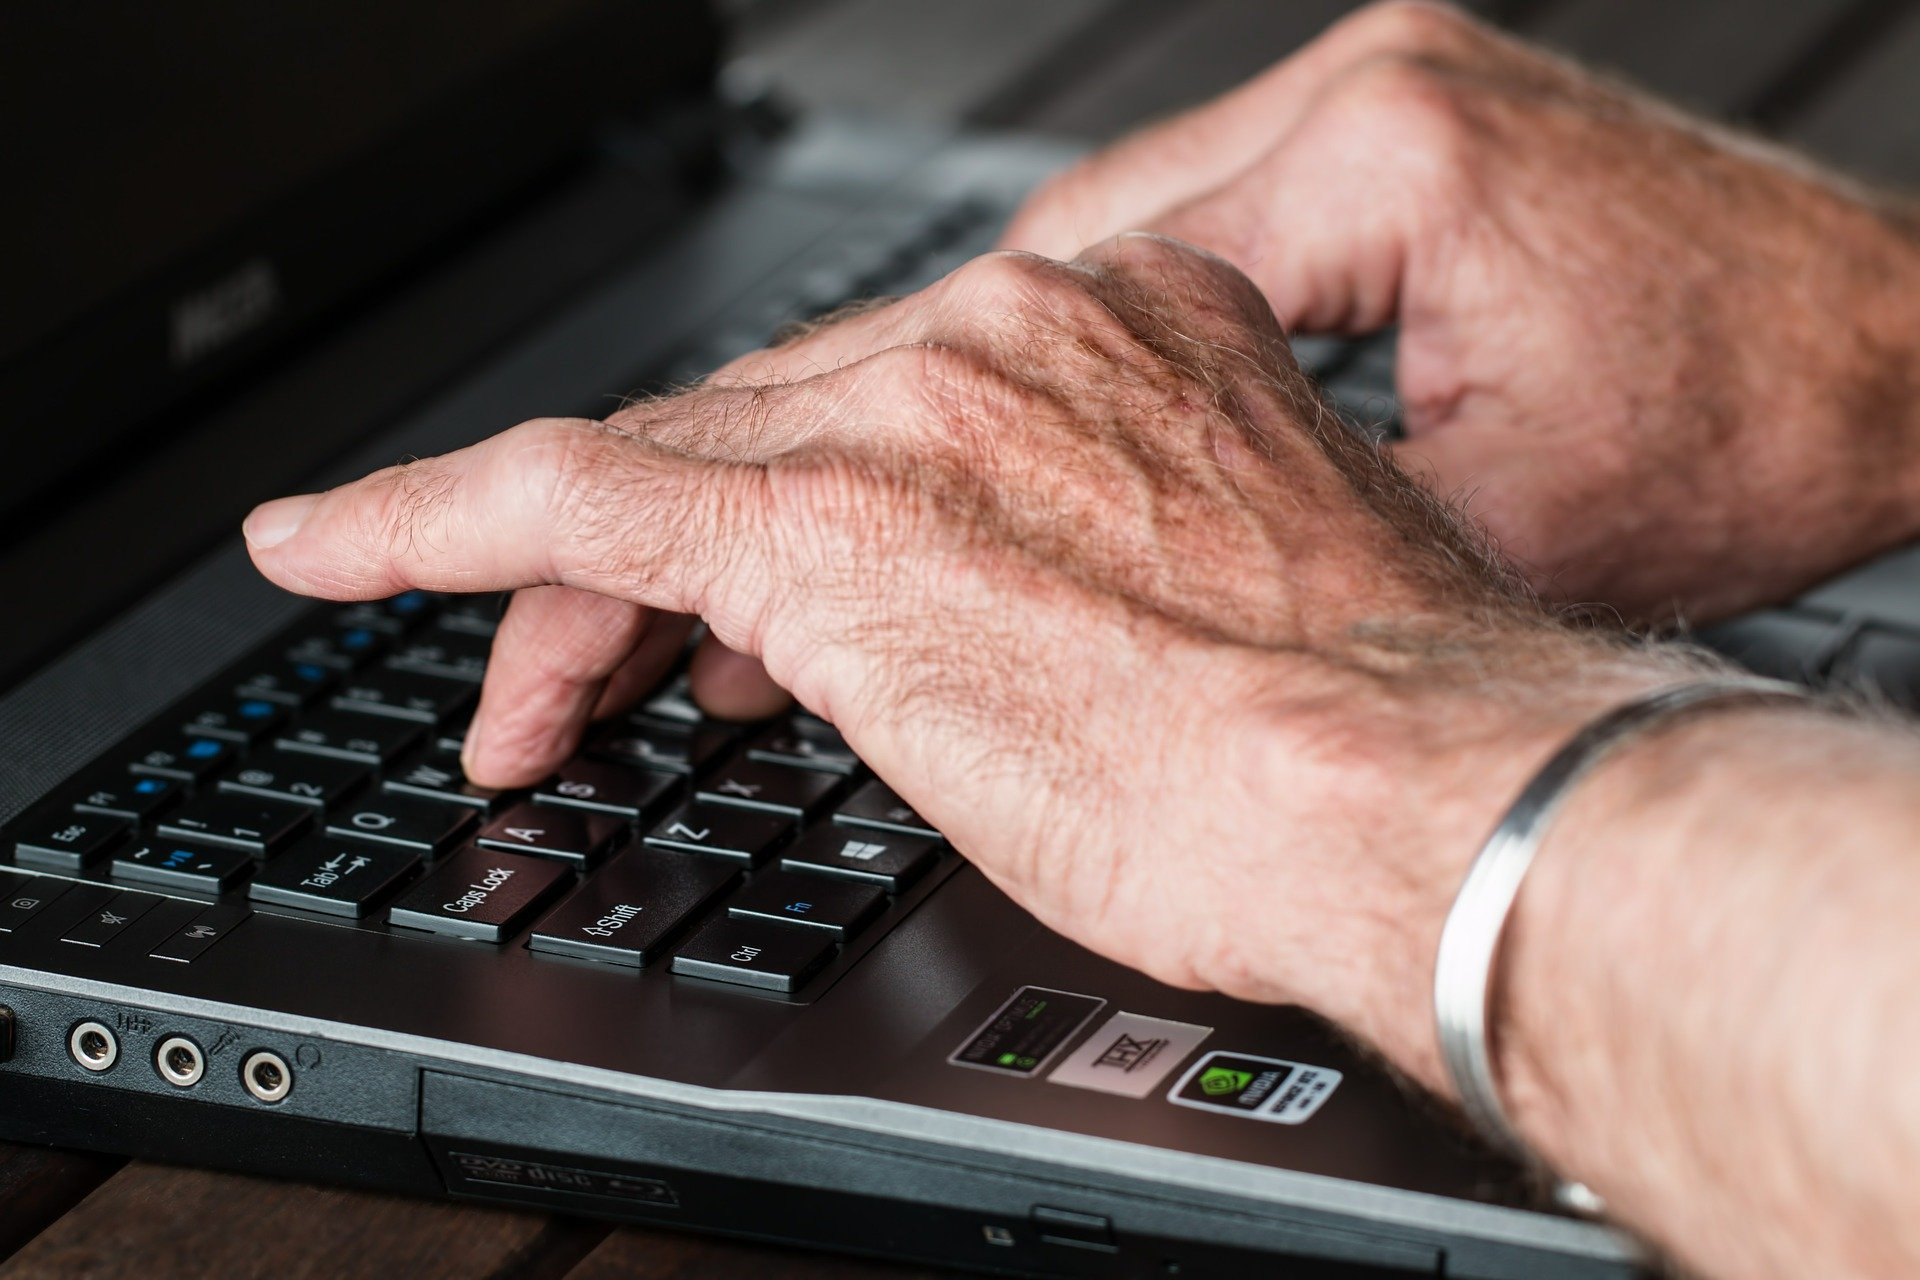 Avec la réforme annoncée des retraites, la QVT des collaborateurs séniors doit être au cœur des préoccupations des entreprises